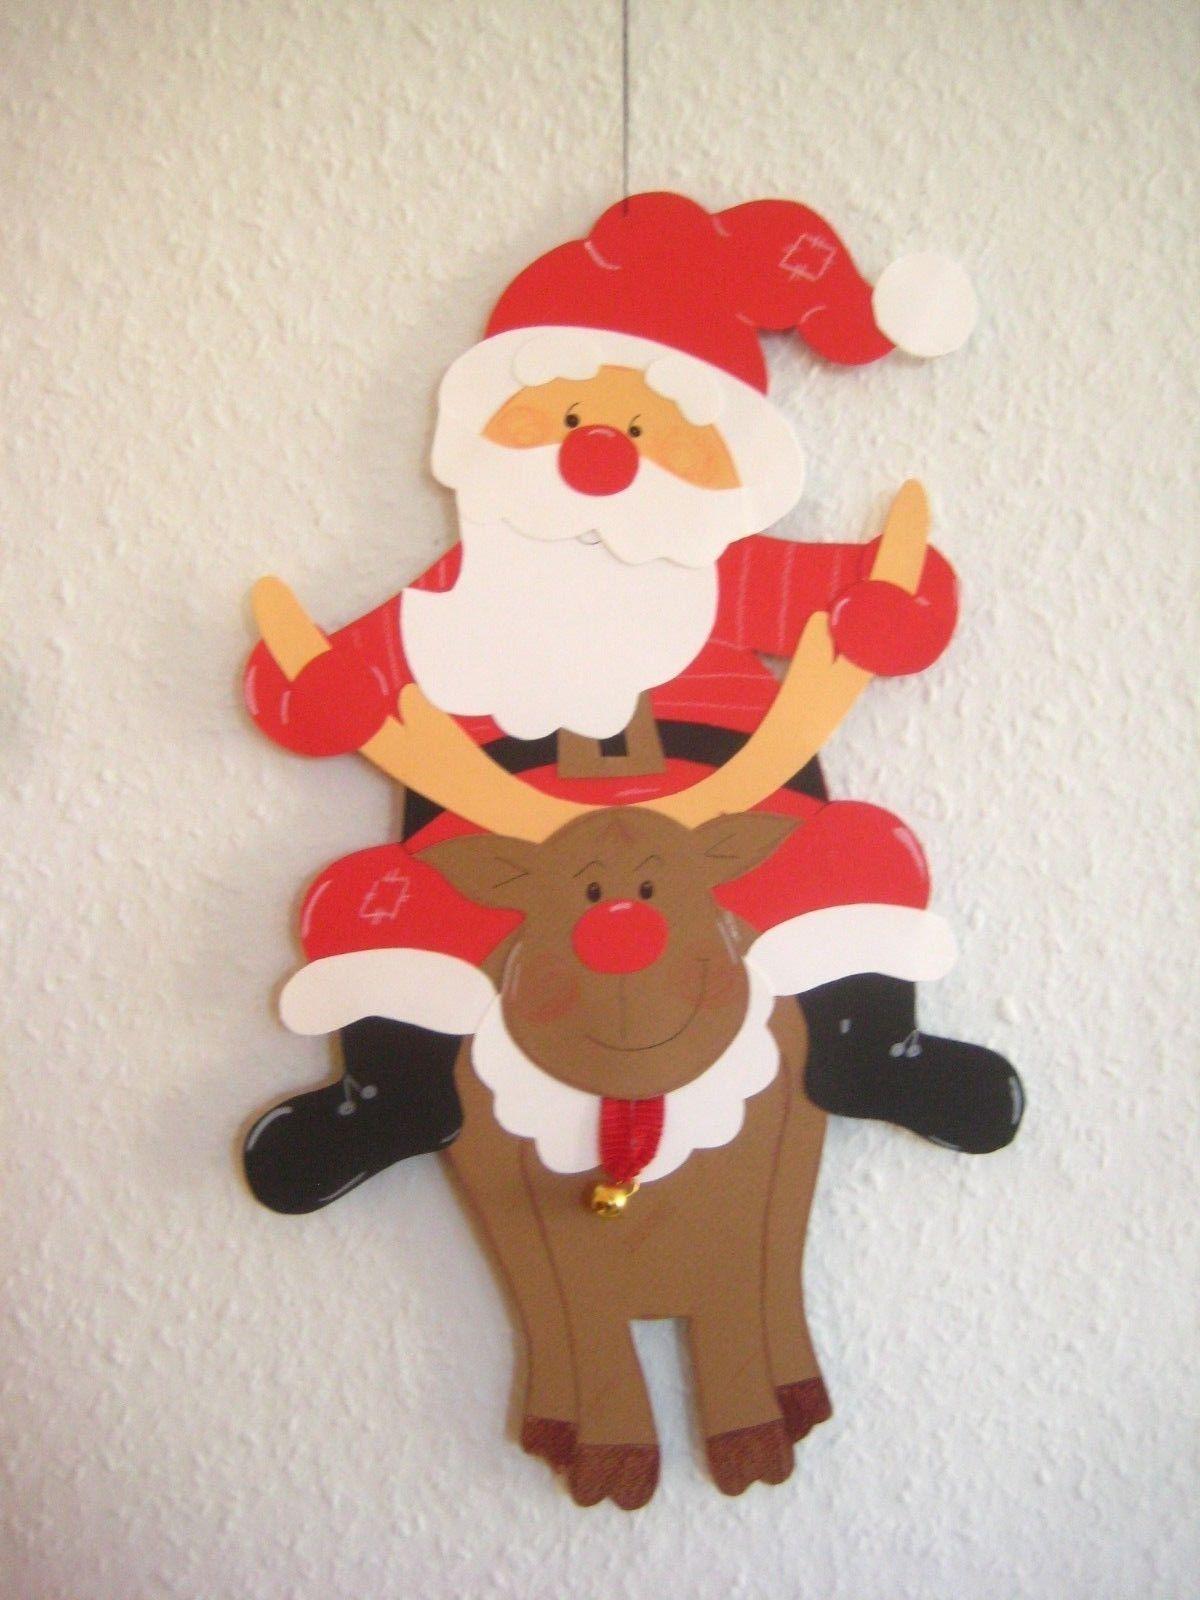 Fensterbild Tonkarton Weihnachtsmann L Winter Weihnachten Deko Eur 13 00 Hallo Sc Basteln Mit Kindern Weihnachten Weihnachtsmann Basteln Basteln Weihnachten